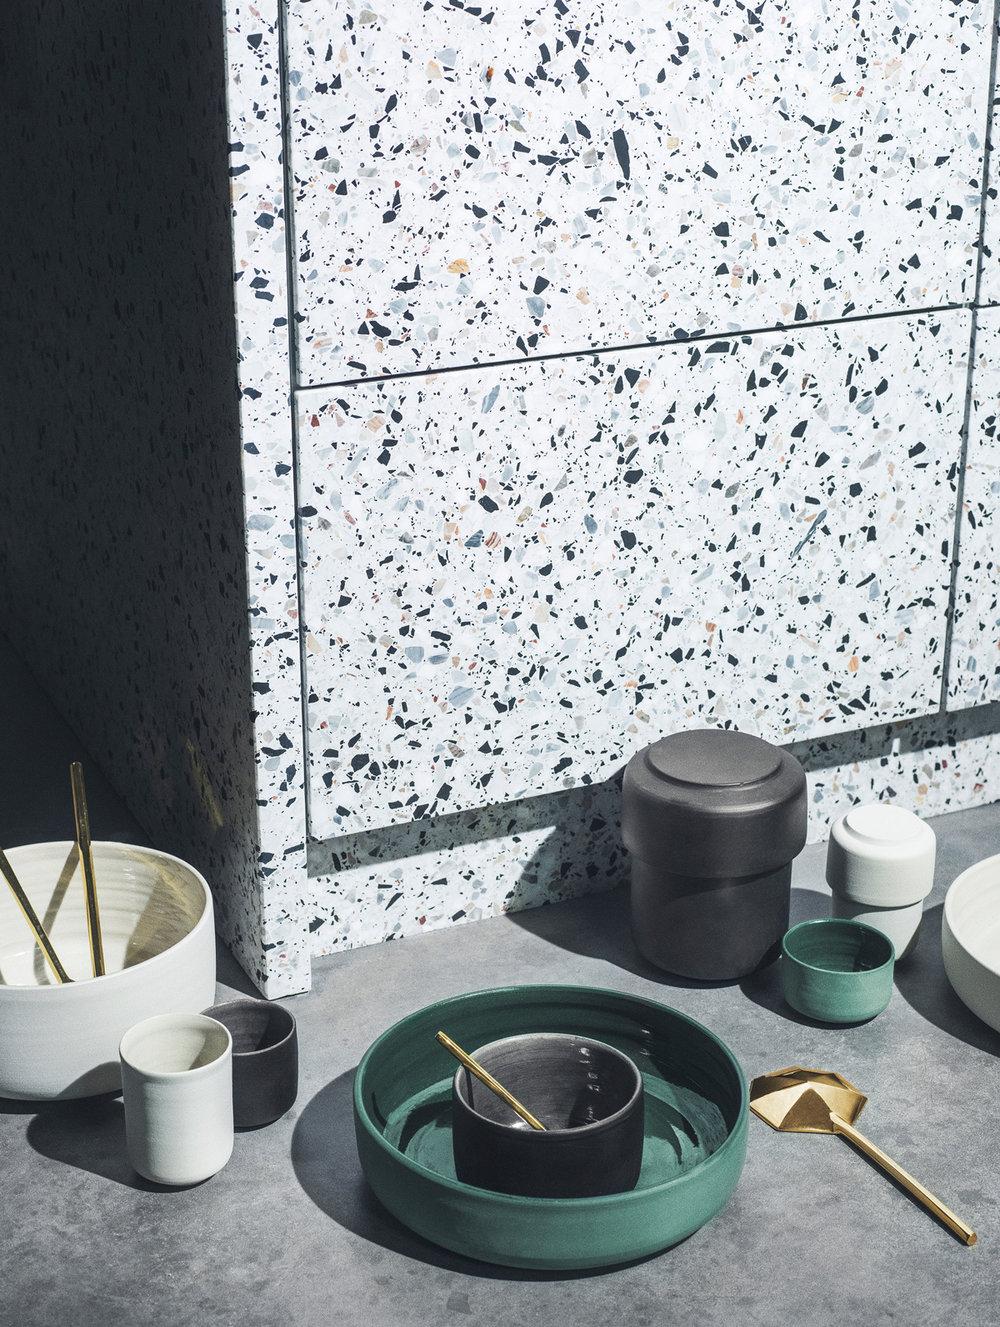 David Thulstrup Terrazzo kitchen details